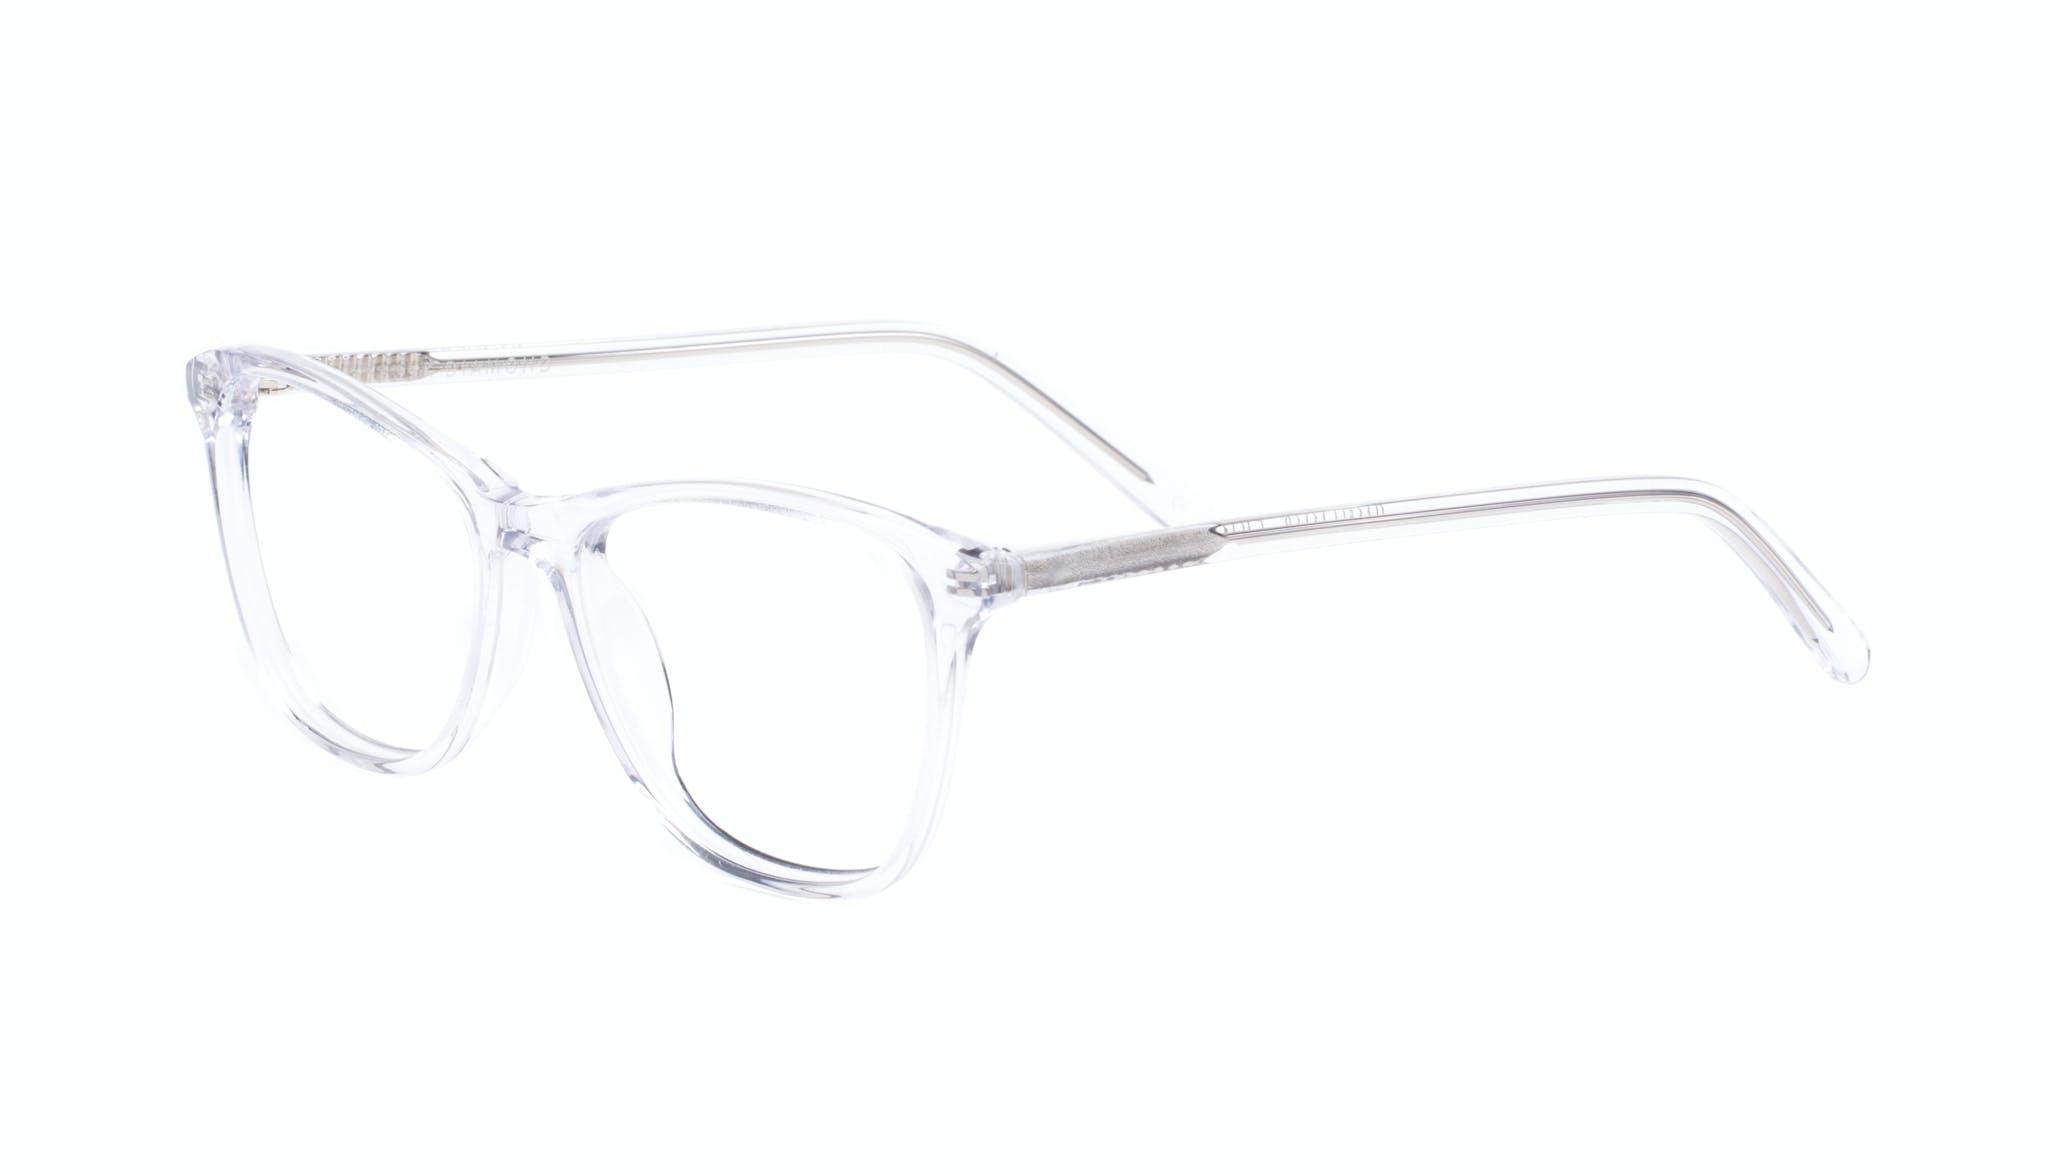 Affordable Fashion Glasses Cat Eye Rectangle Eyeglasses Women Folk Diamond Tilt